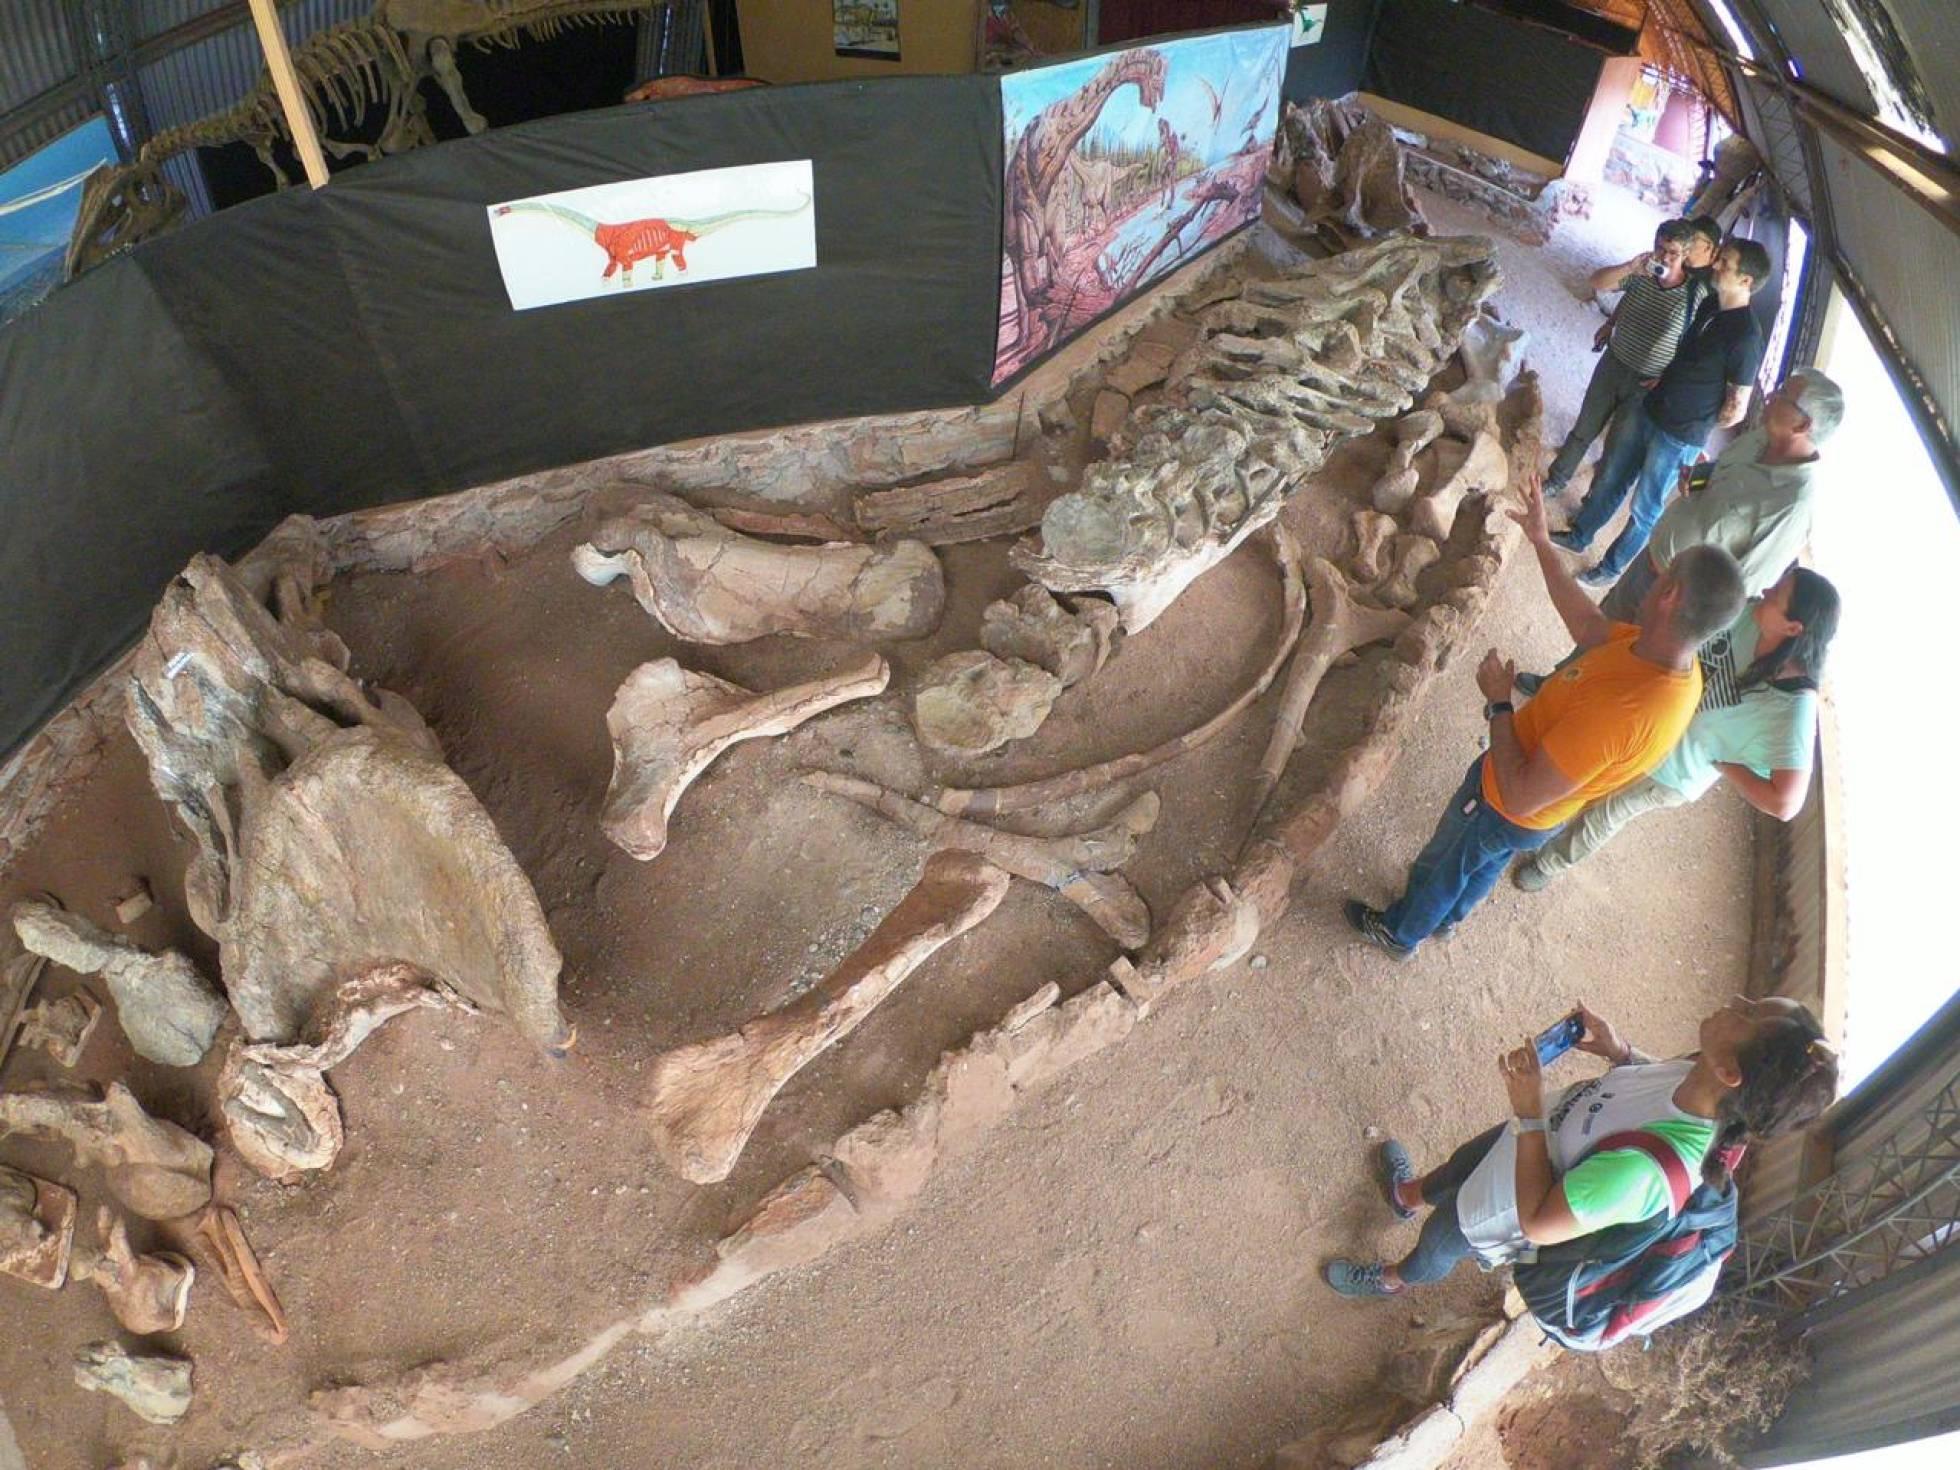 Bem-vindos à Patagônia, a fábrica mundial de dinossauros